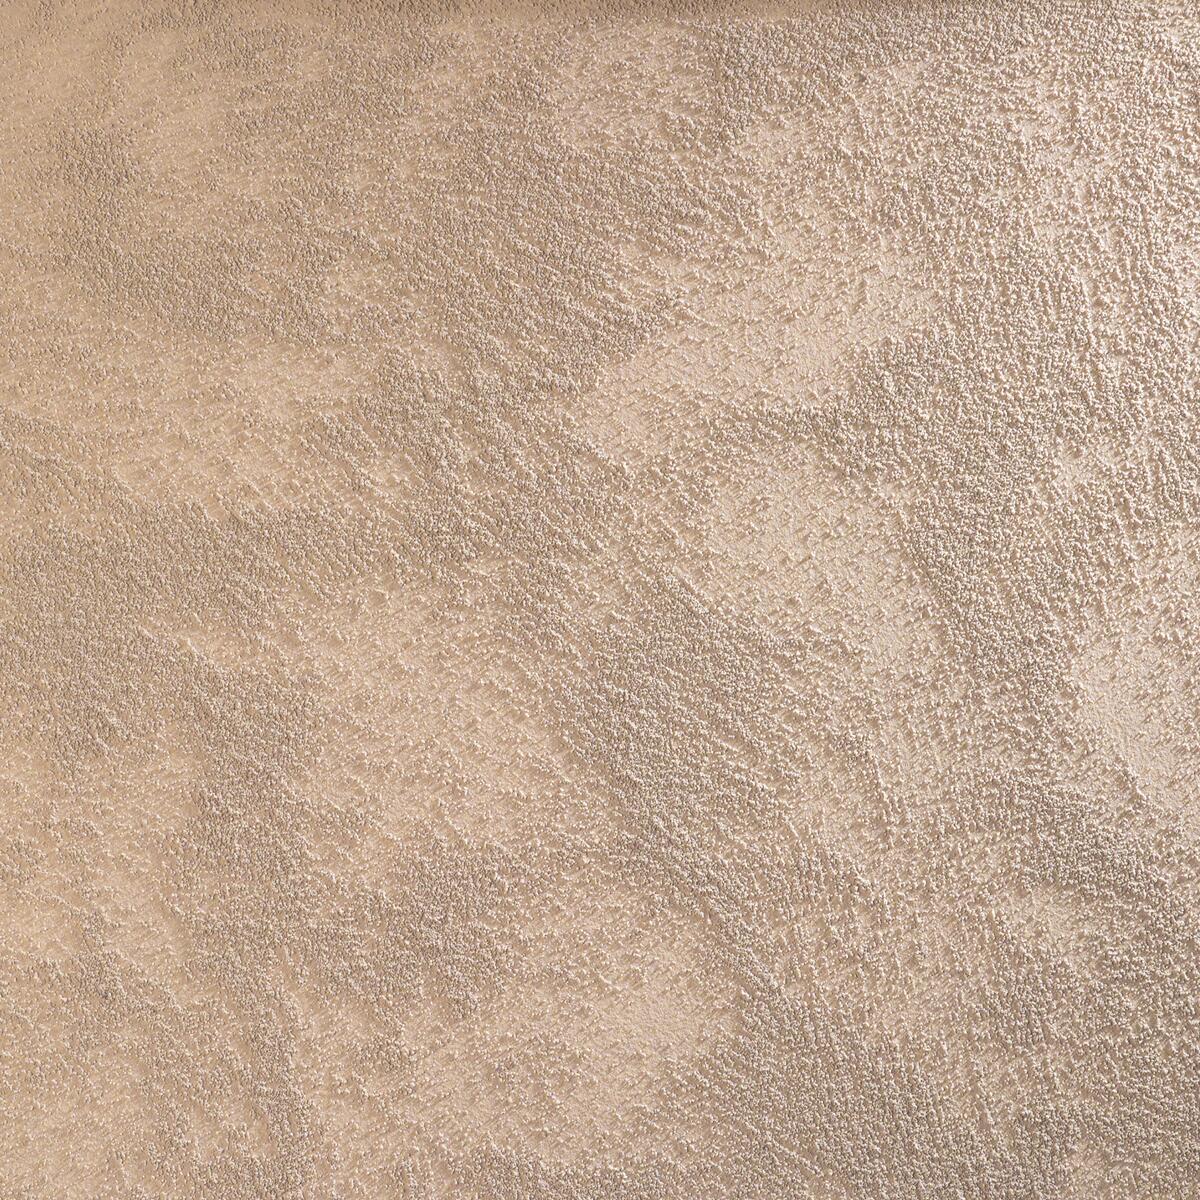 Pittura decorativa effetto sabbiato marrone talpa 5 2 l GECKOS - 11